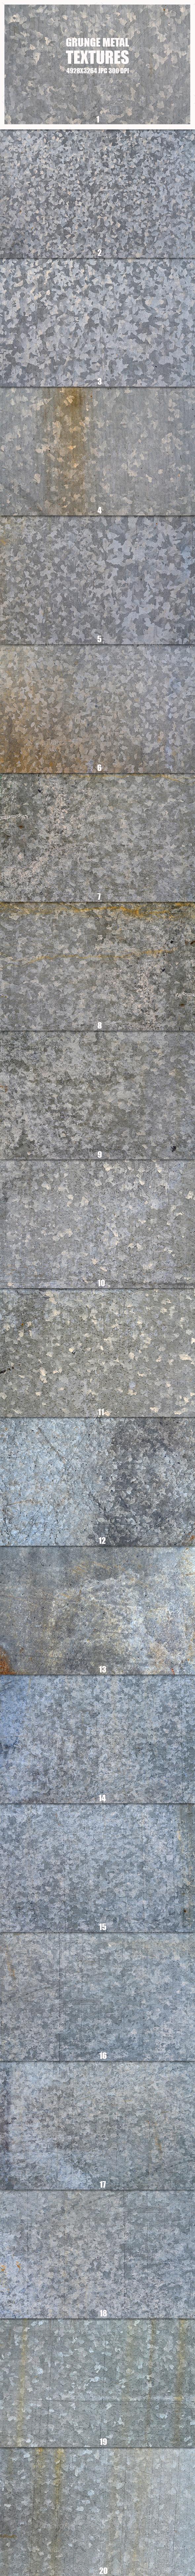 Grunge Metal Textures 2 - Metal Textures